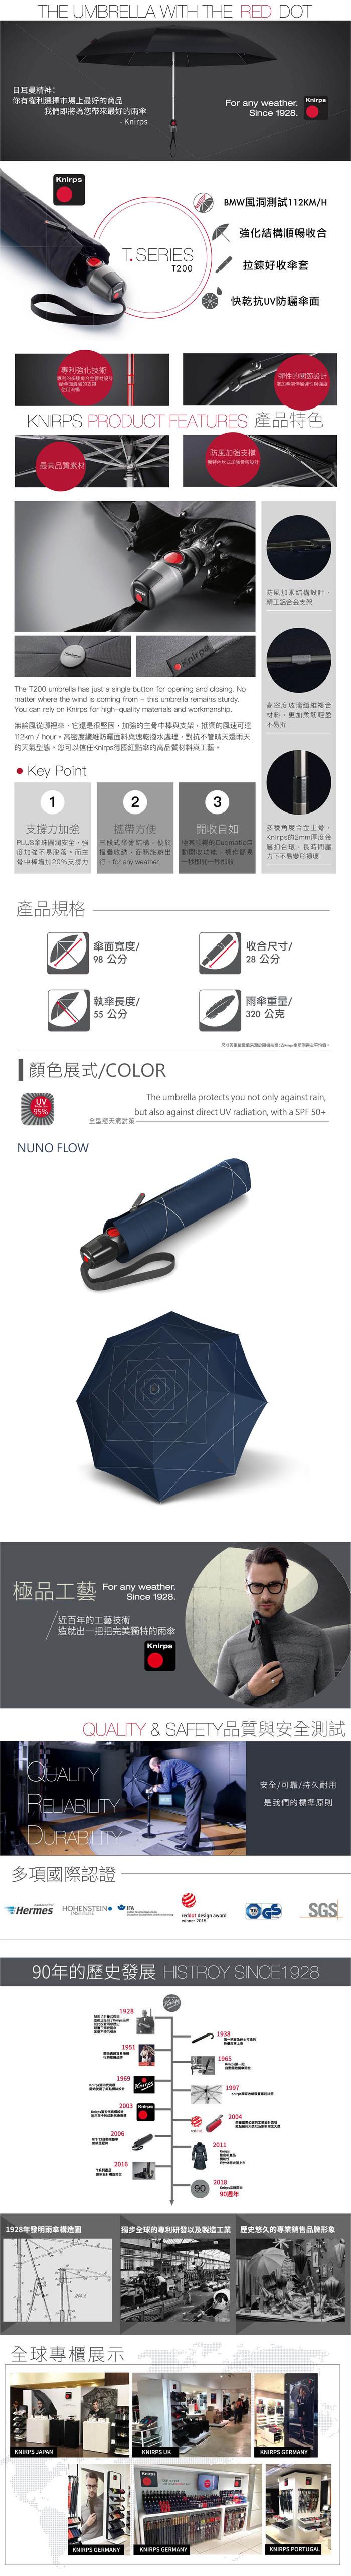 (複製)Knirps德國紅點傘|T.200 自動開收傘- Unity black